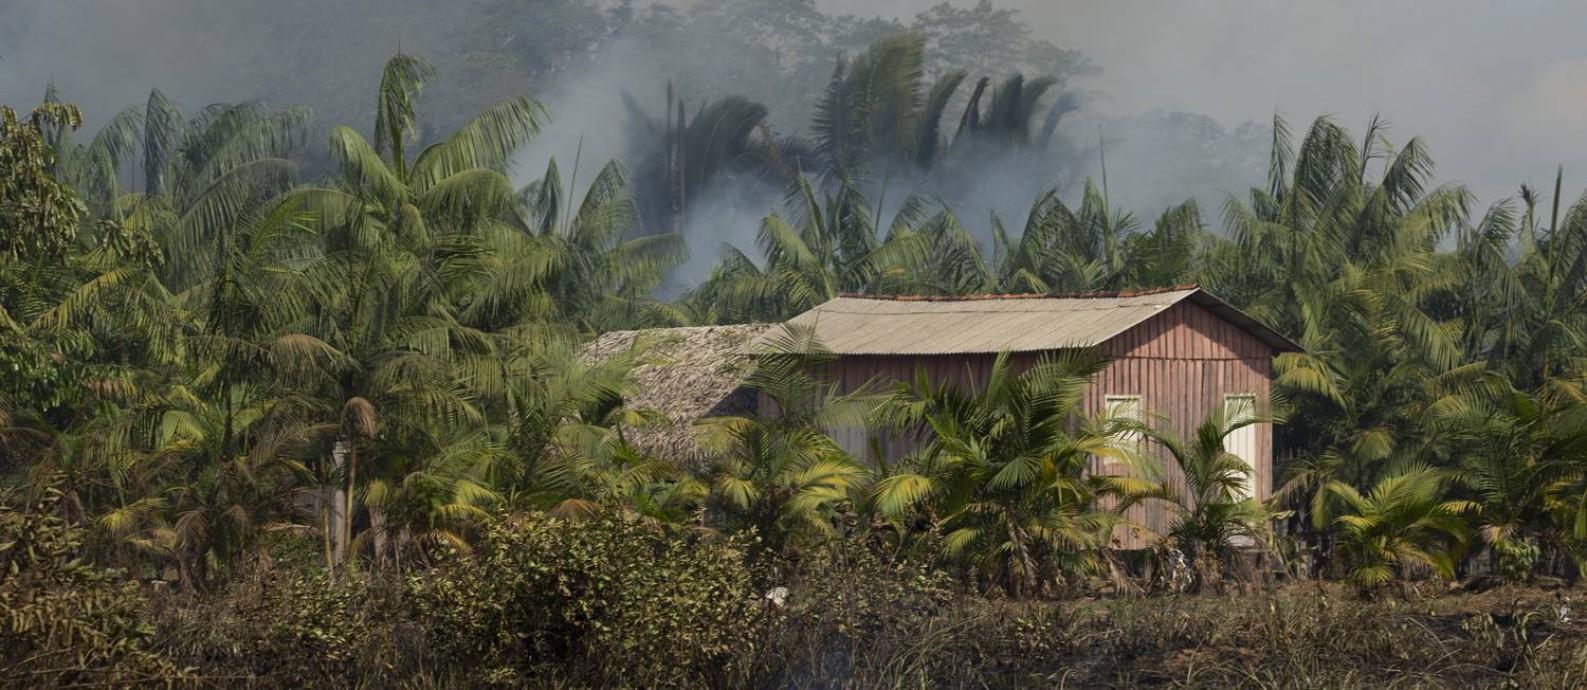 Queimadas na margem da BR -319, no estado do Amazonas. Foto: Gabriel Montero / Agência O Globo